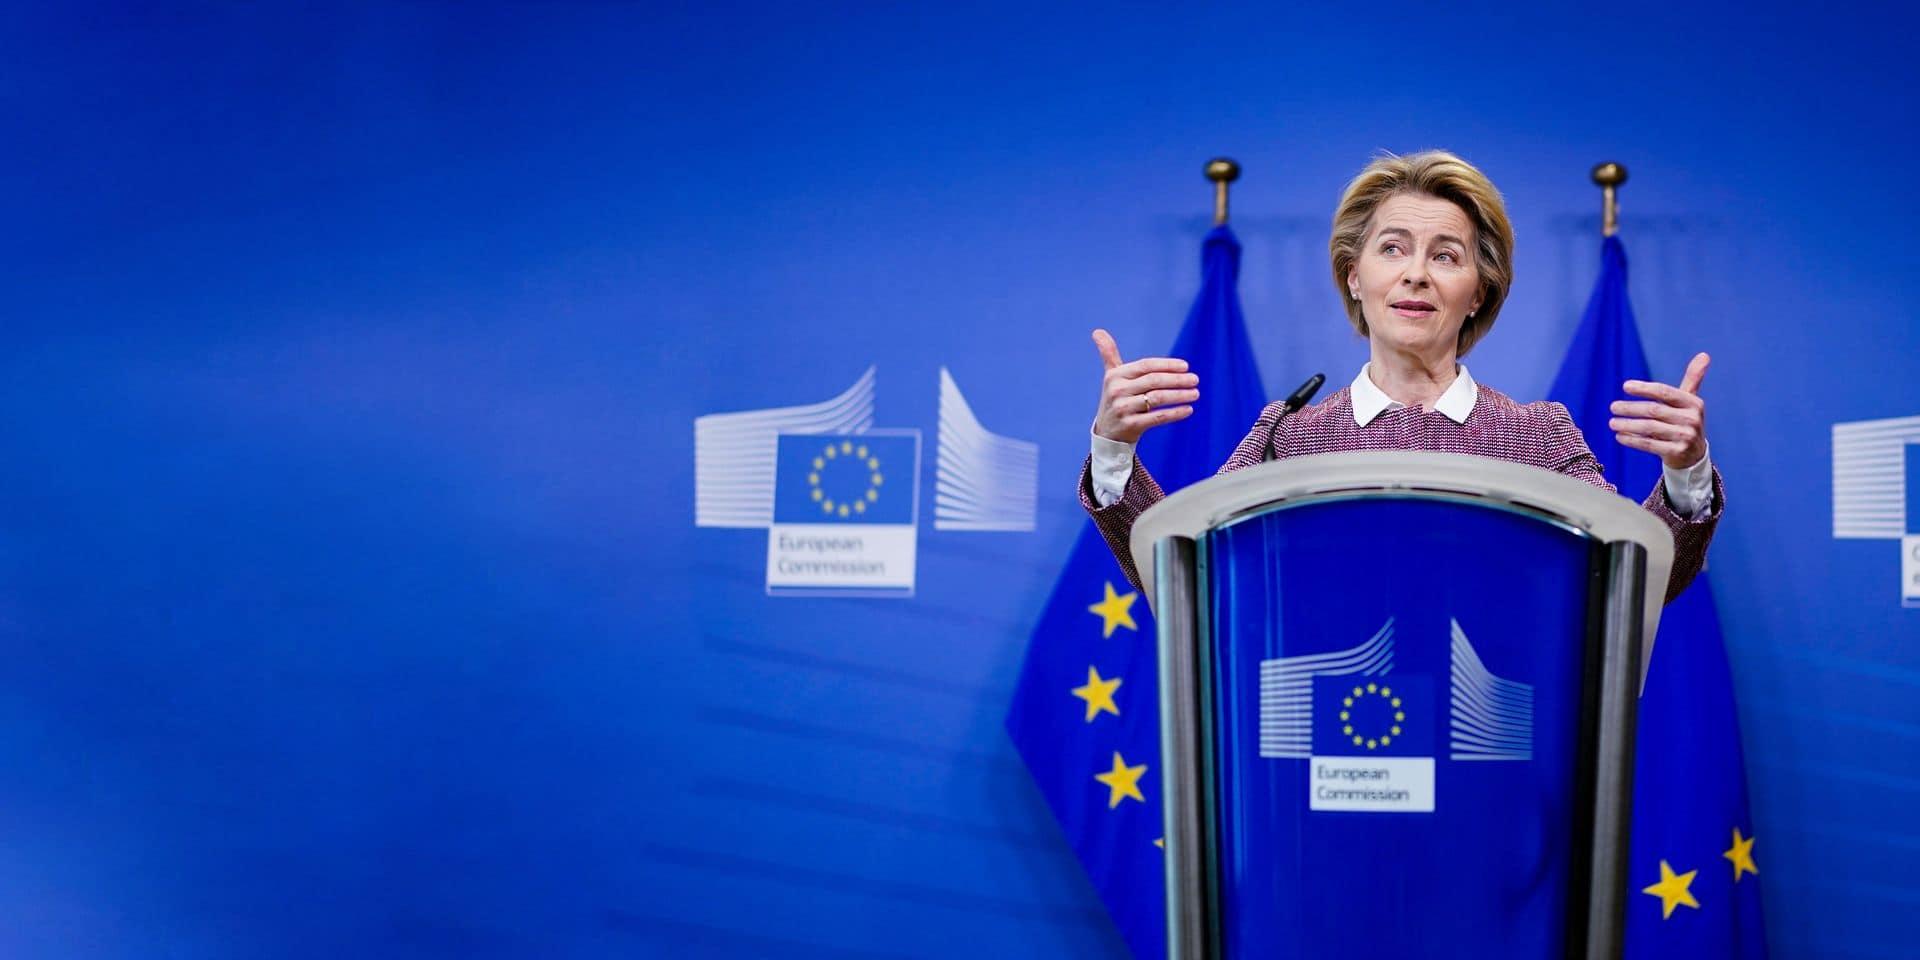 Ursula von der Leyen tient la barre de la Commission européenne. Fermement